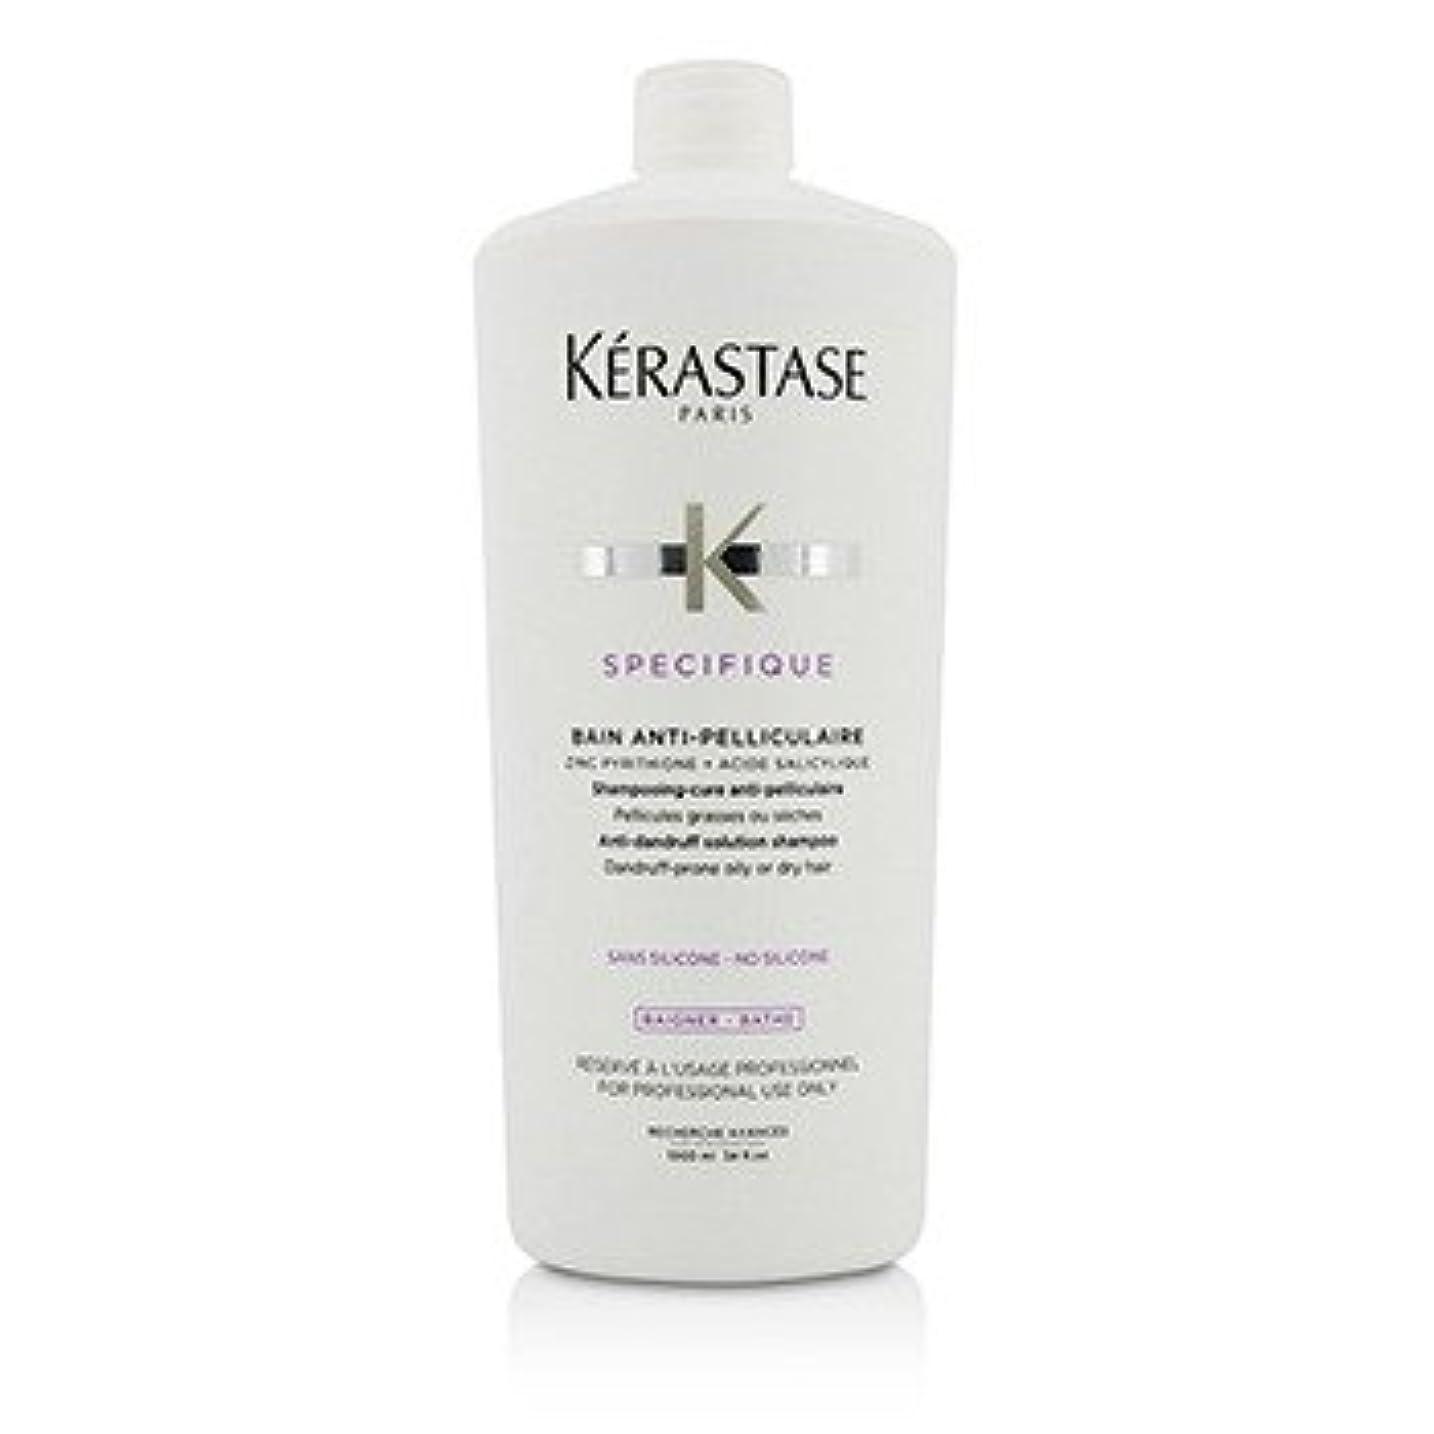 篭バンクびっくりした[Kerastase] Specifique Bain Anti-Pelliculaire Anti-Dandruff Solution Shampoo (Dandruff-Prone Oily or Dry Hair) 1000ml/34oz